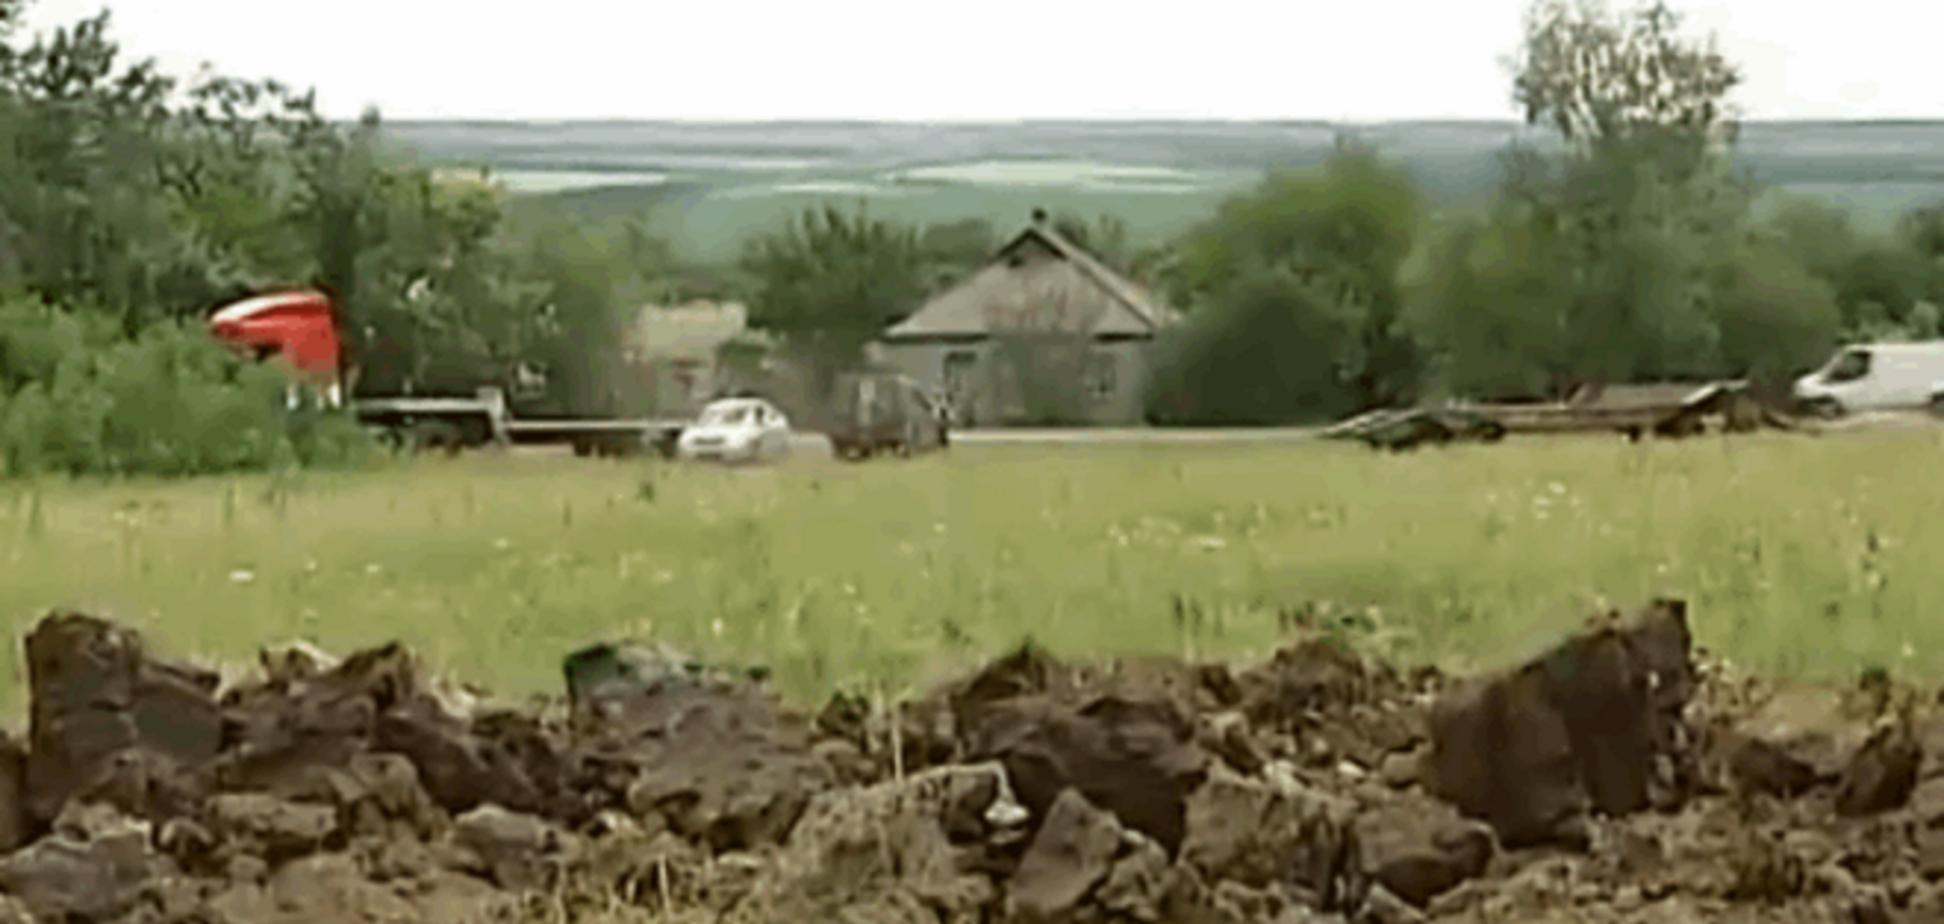 Террористы обстреляли из 'Градов' мирный город за 15 км от линии фронта: опубликовано видео